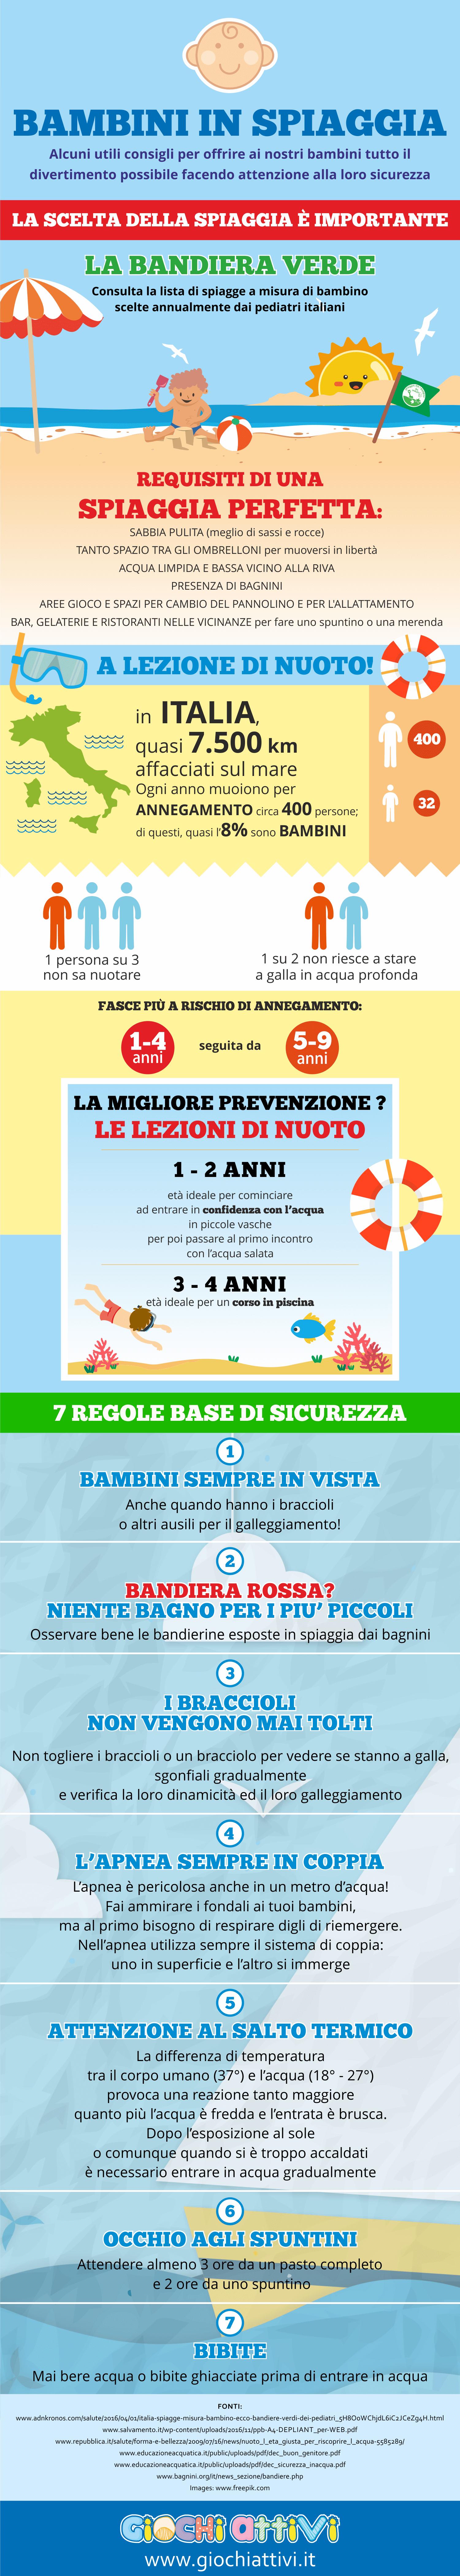 Bambini in spiaggia: un'infografica con poche ma preziose regole da seguire - Infografica di Giochi Attivi